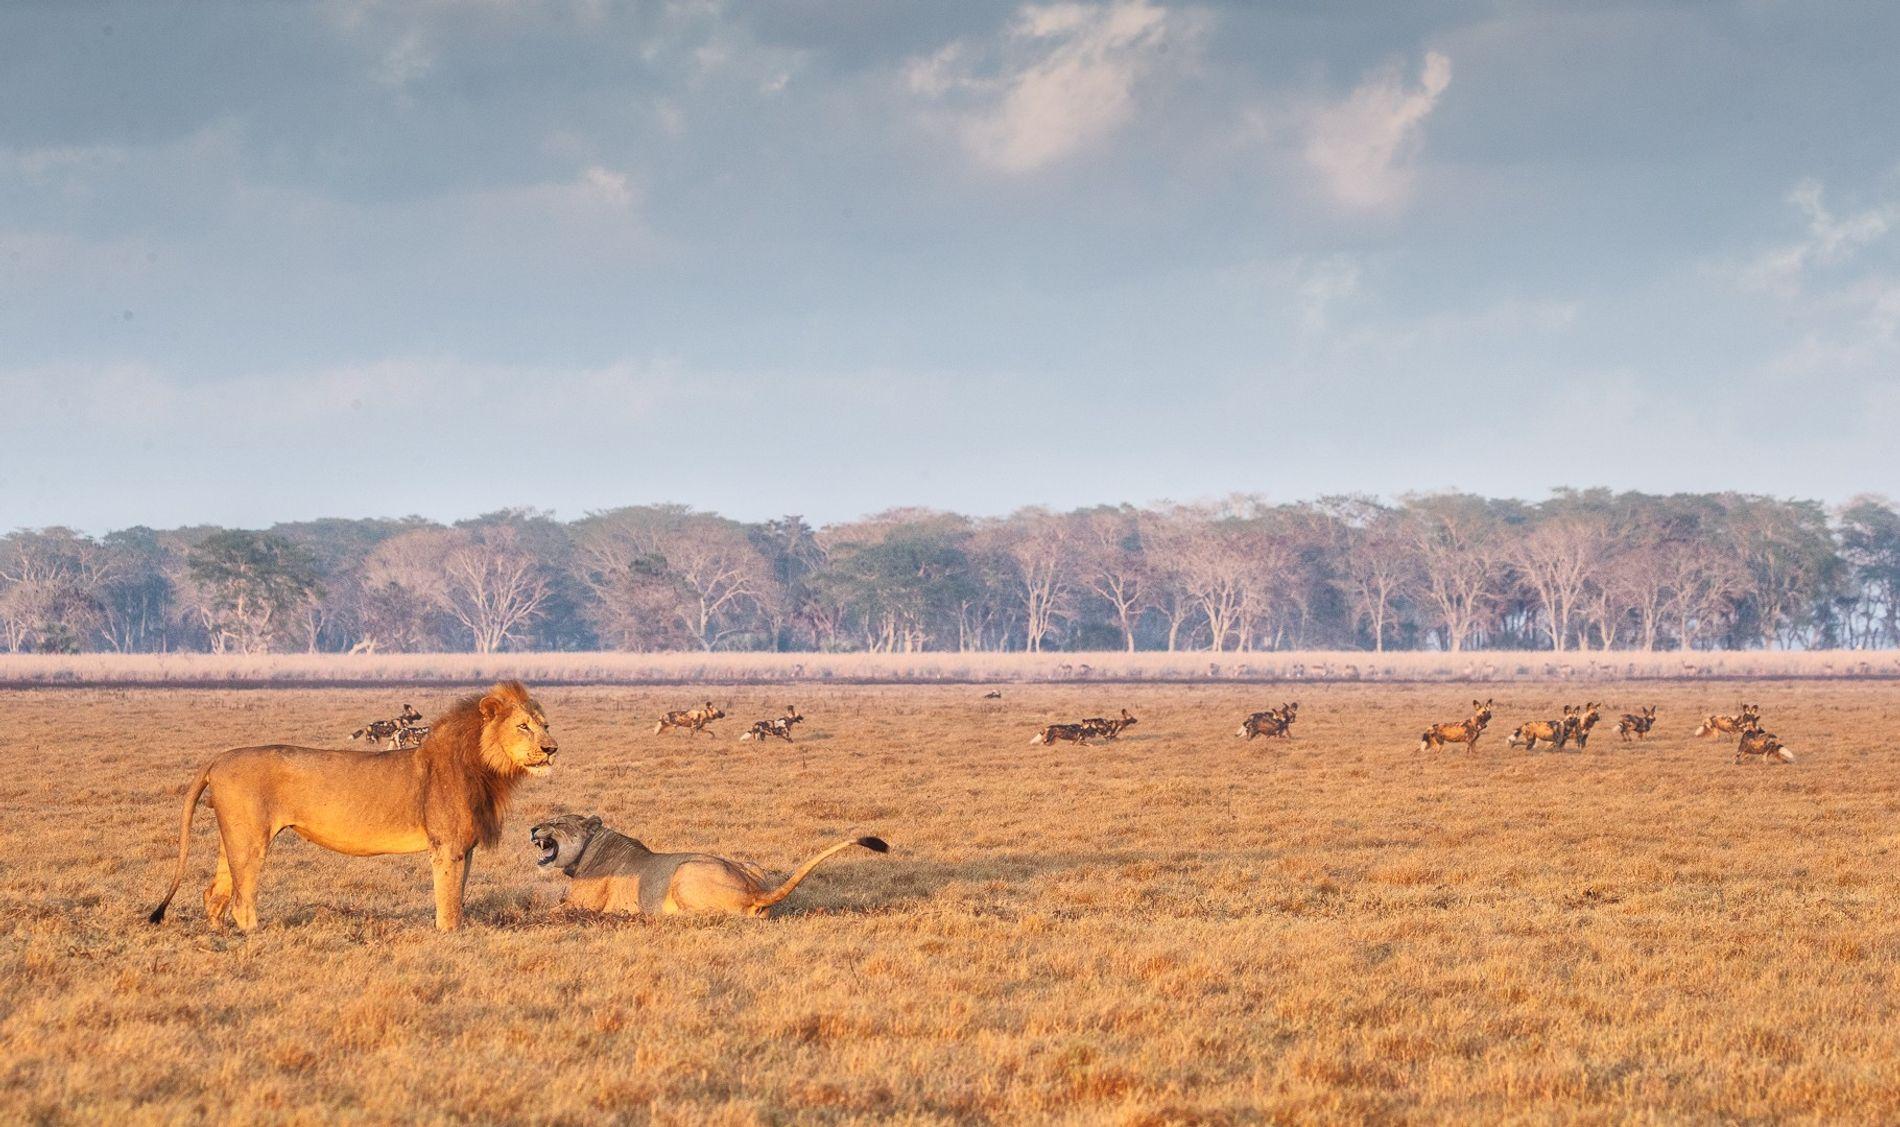 Il est désormais possible d'observer des lions et des lycaons, aussi connus sous le nom de chiens sauvages, à Gorongosa.